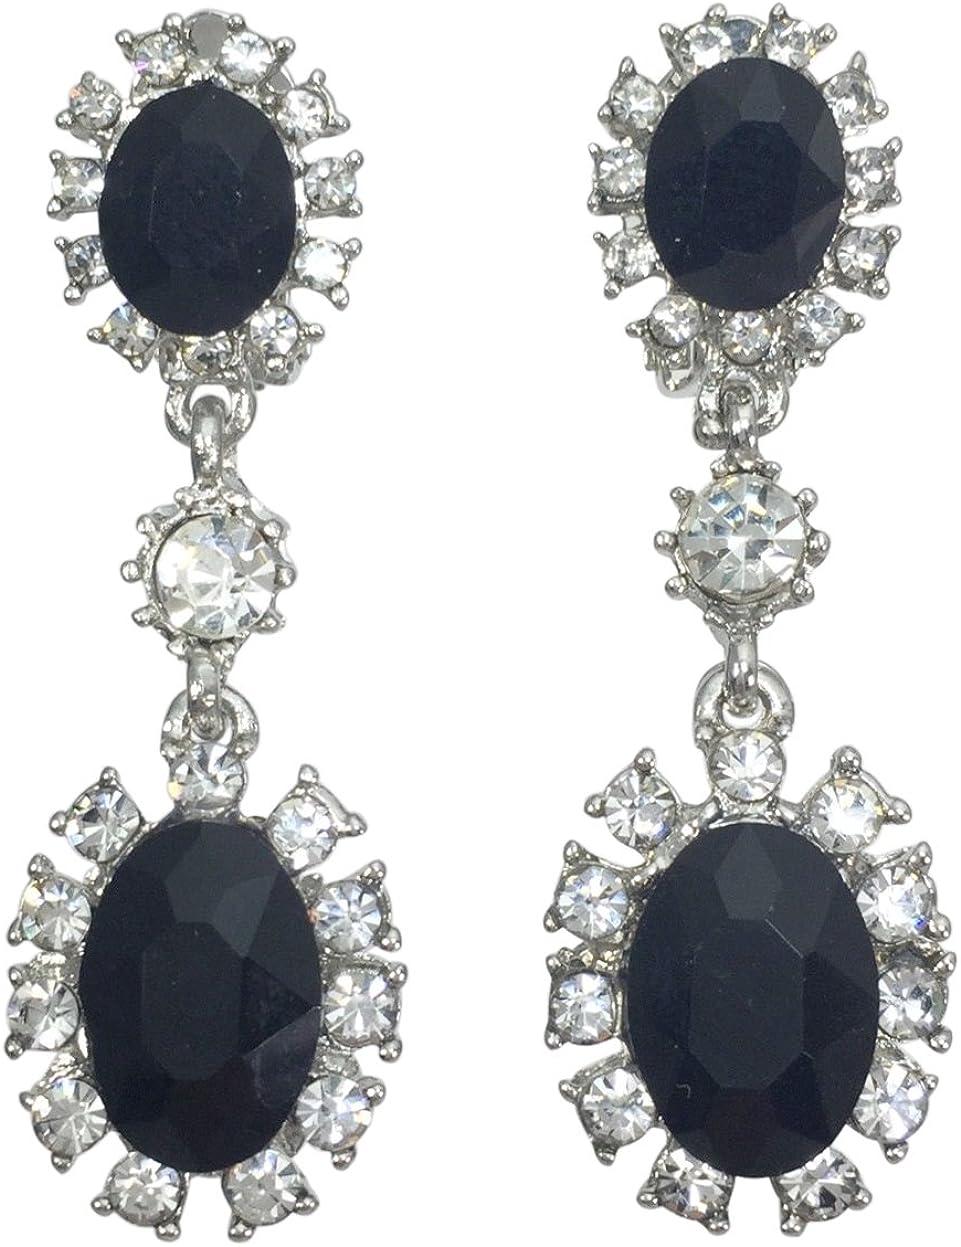 Double Oval Rhinestone Fancy Formal Prom Clip On Earrings